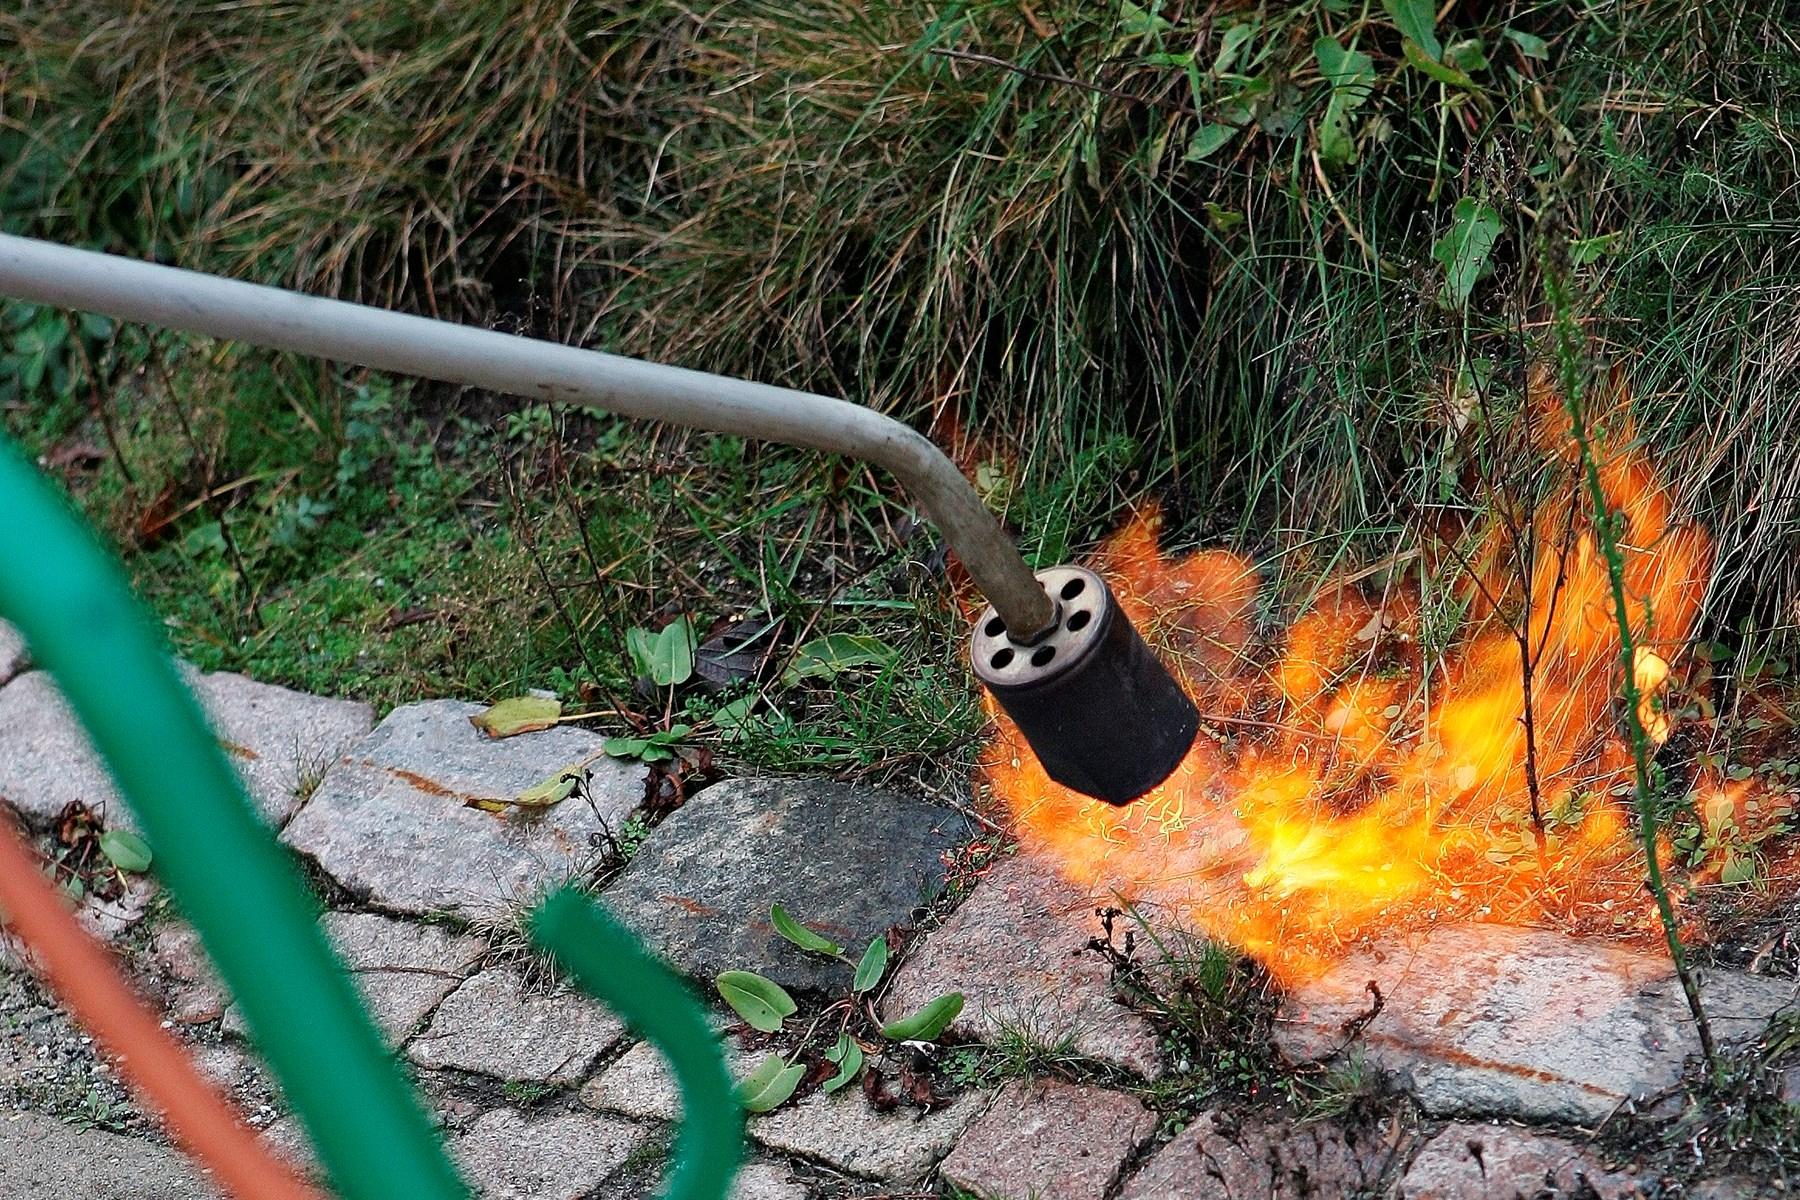 Ukrudtsbrænder satte ild til udestue